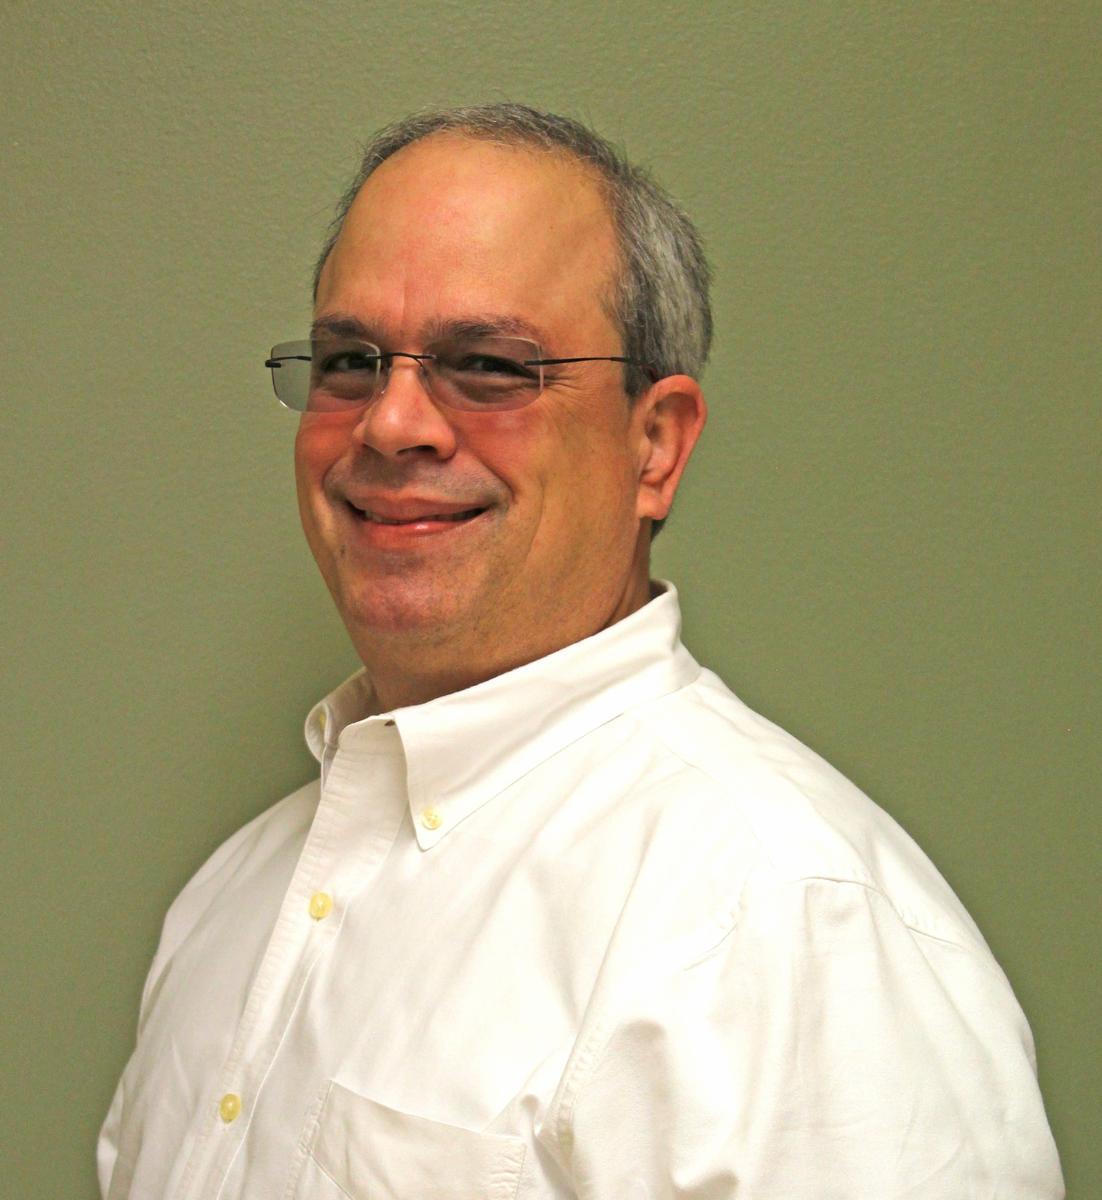 Dr Edgar Betancourt